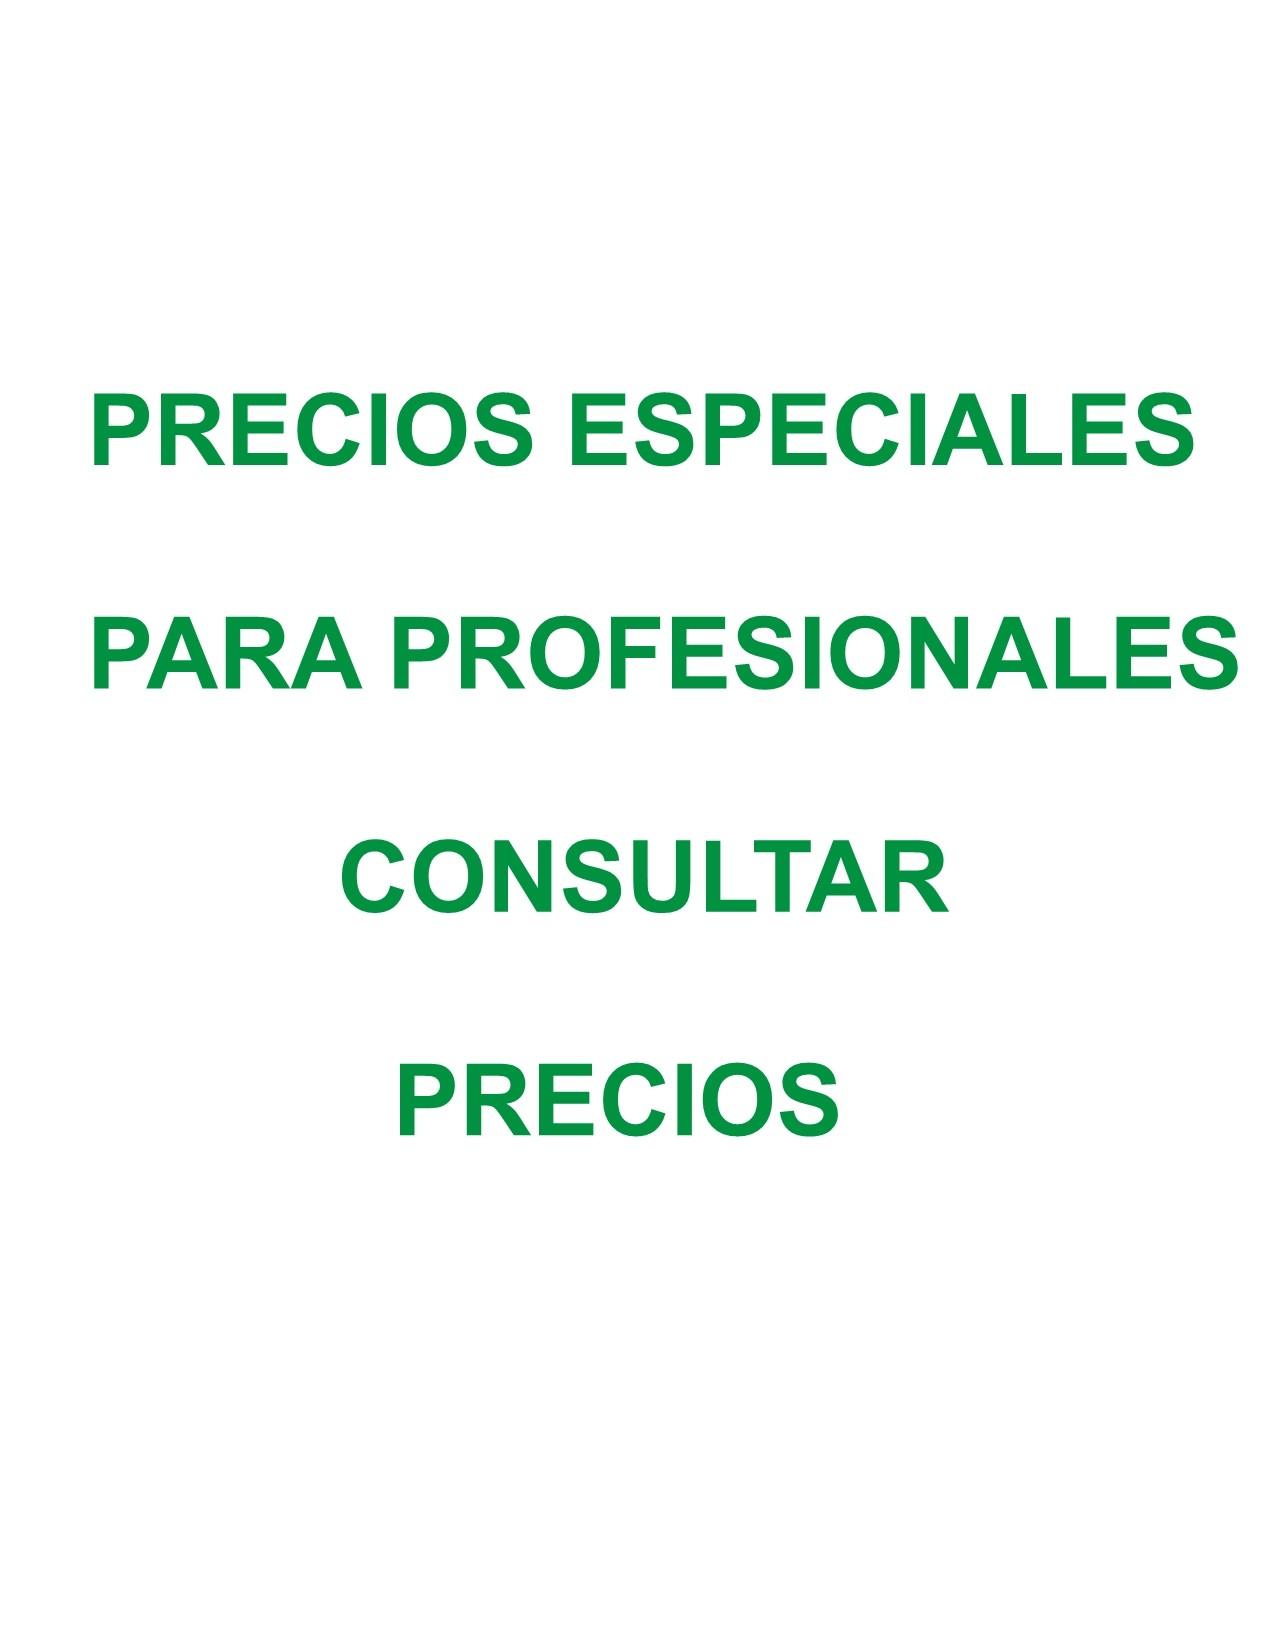 CONSULTA PROFESIONAL